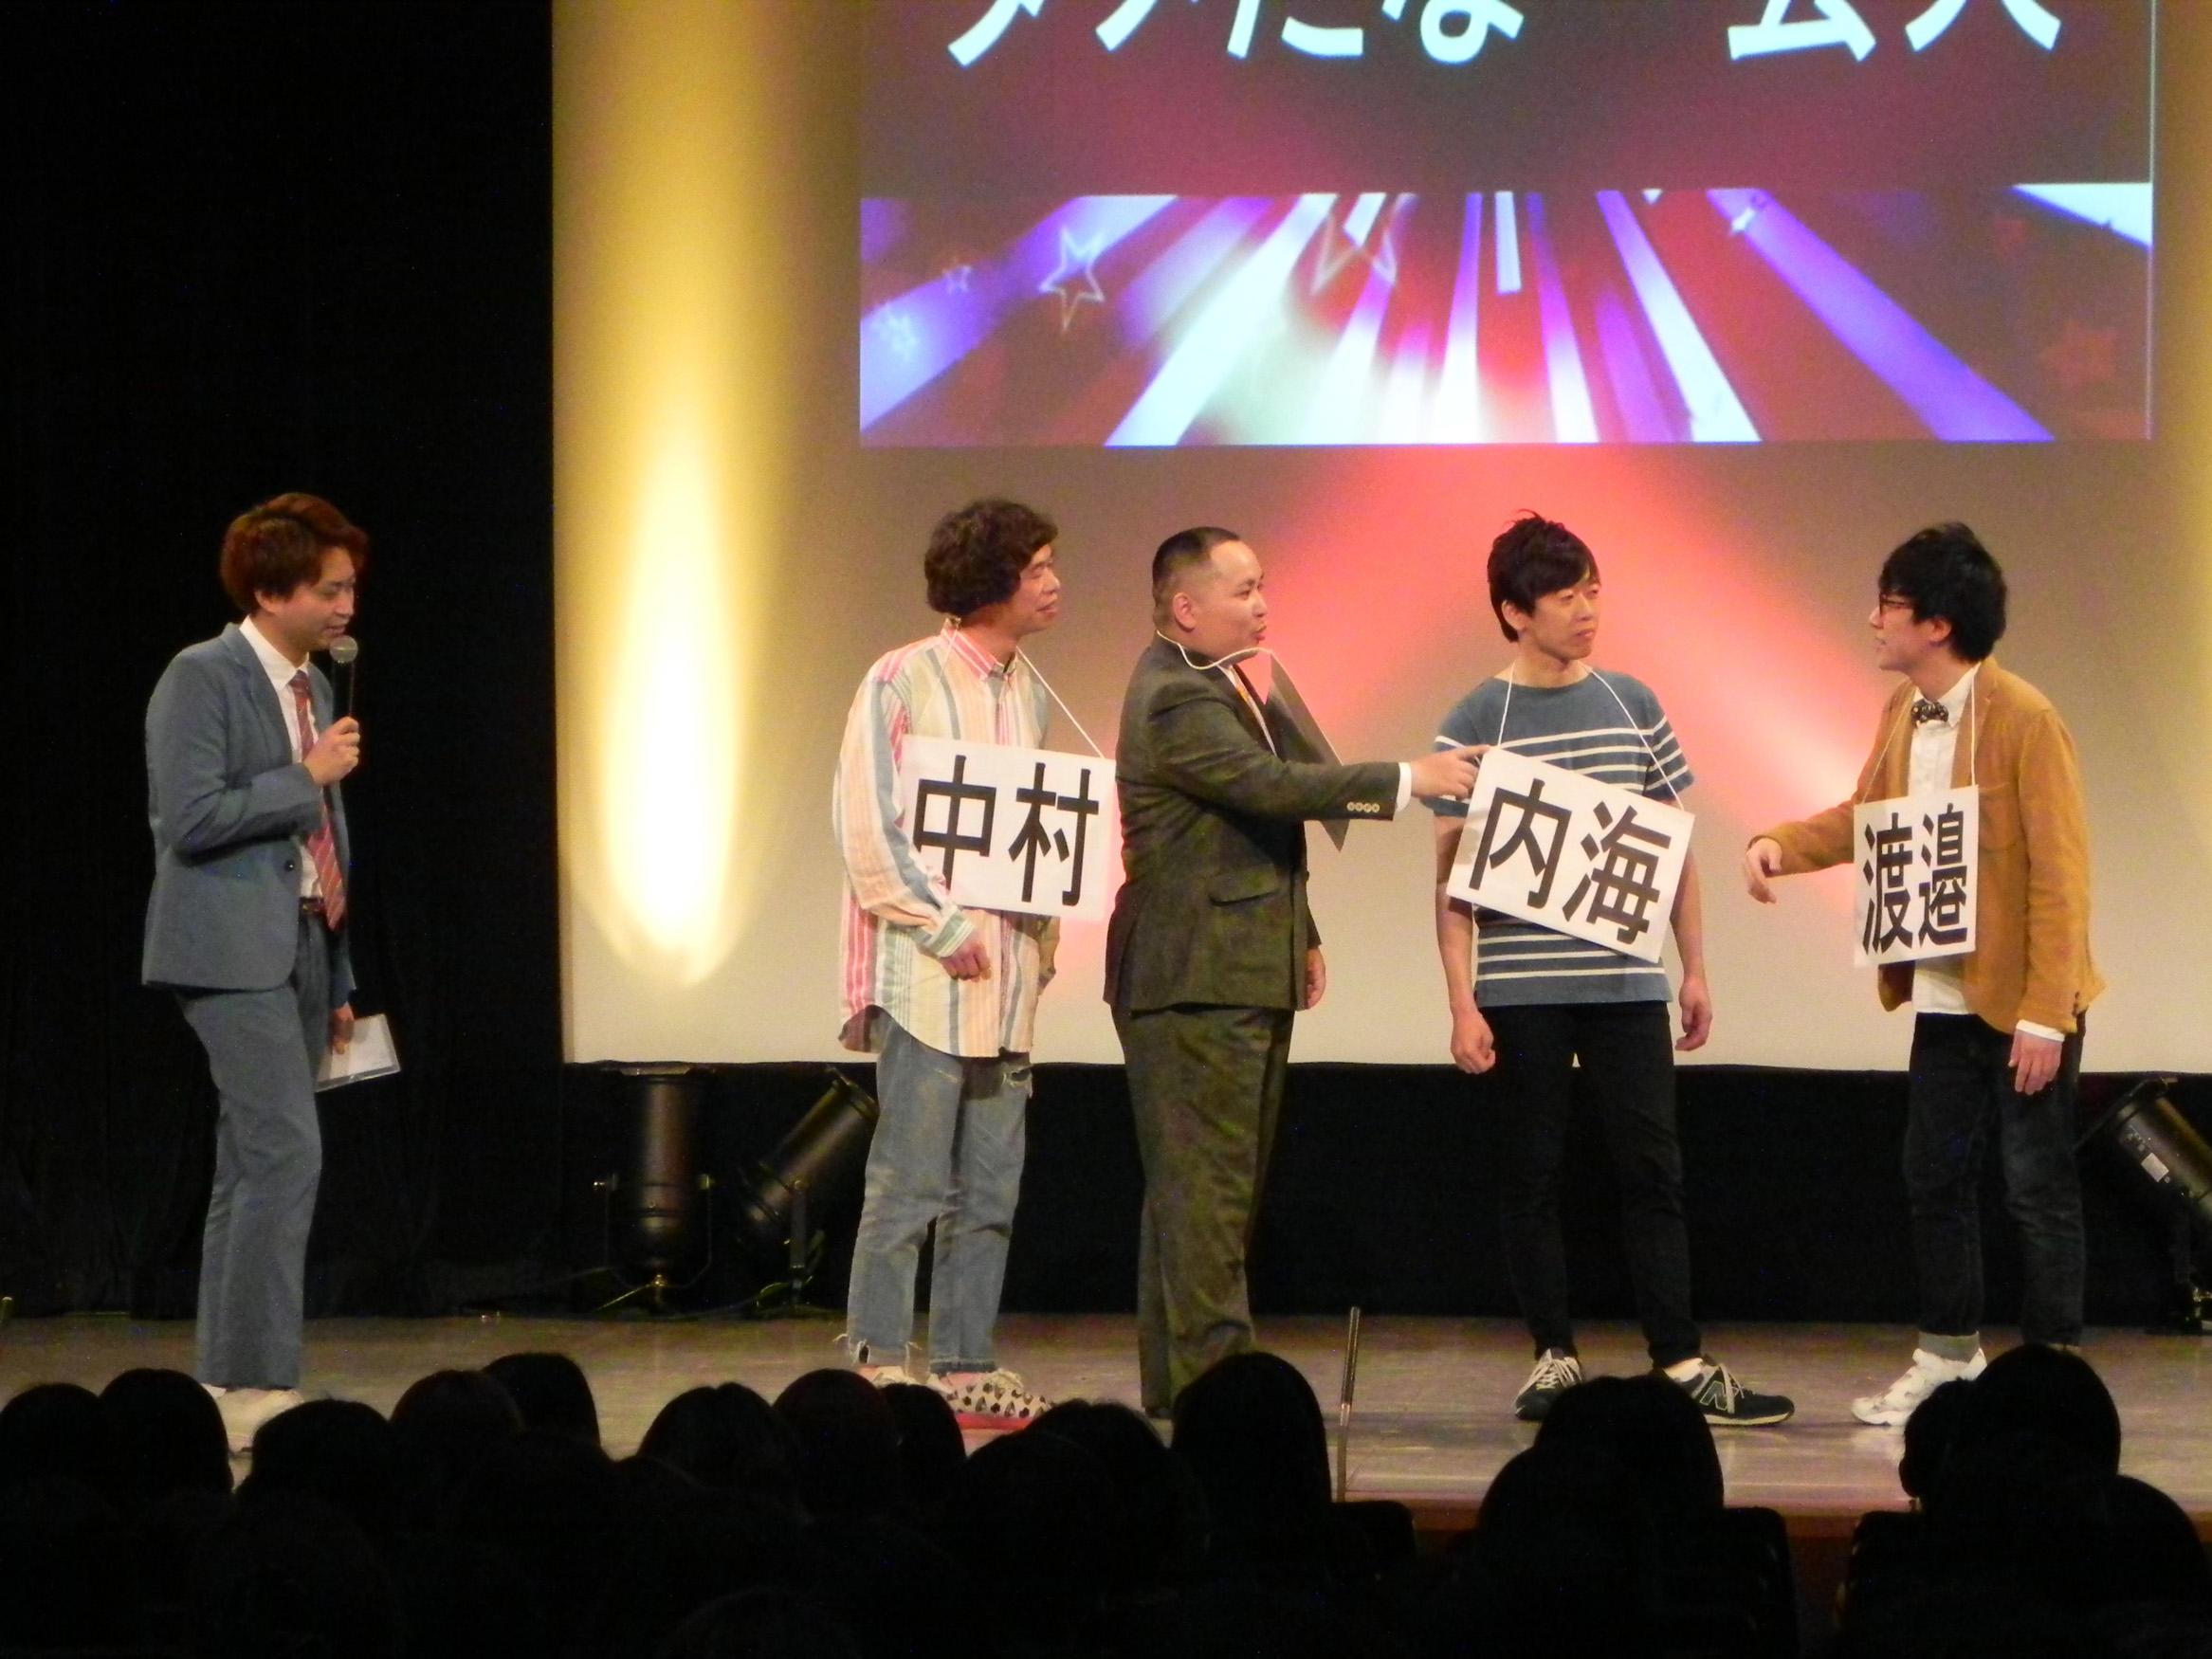 http://news.yoshimoto.co.jp/20170425152552-da45535cafb8e729b9990c6dc3dc8b9db472d435.jpg